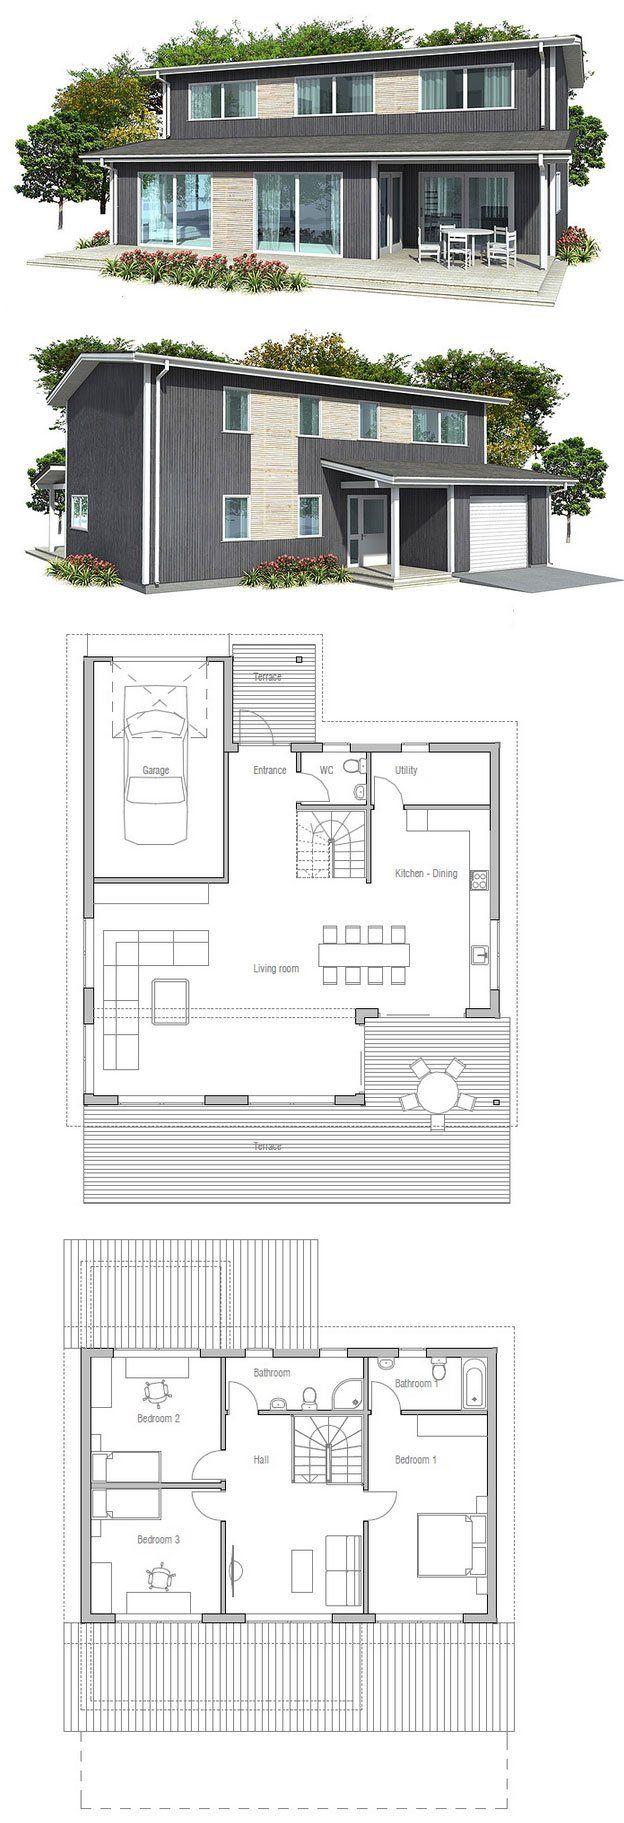 Grundrisse home interior design moderne grundrisse bodengestaltung haus design kleines haus pläne kleine häuser moderne architektur garage